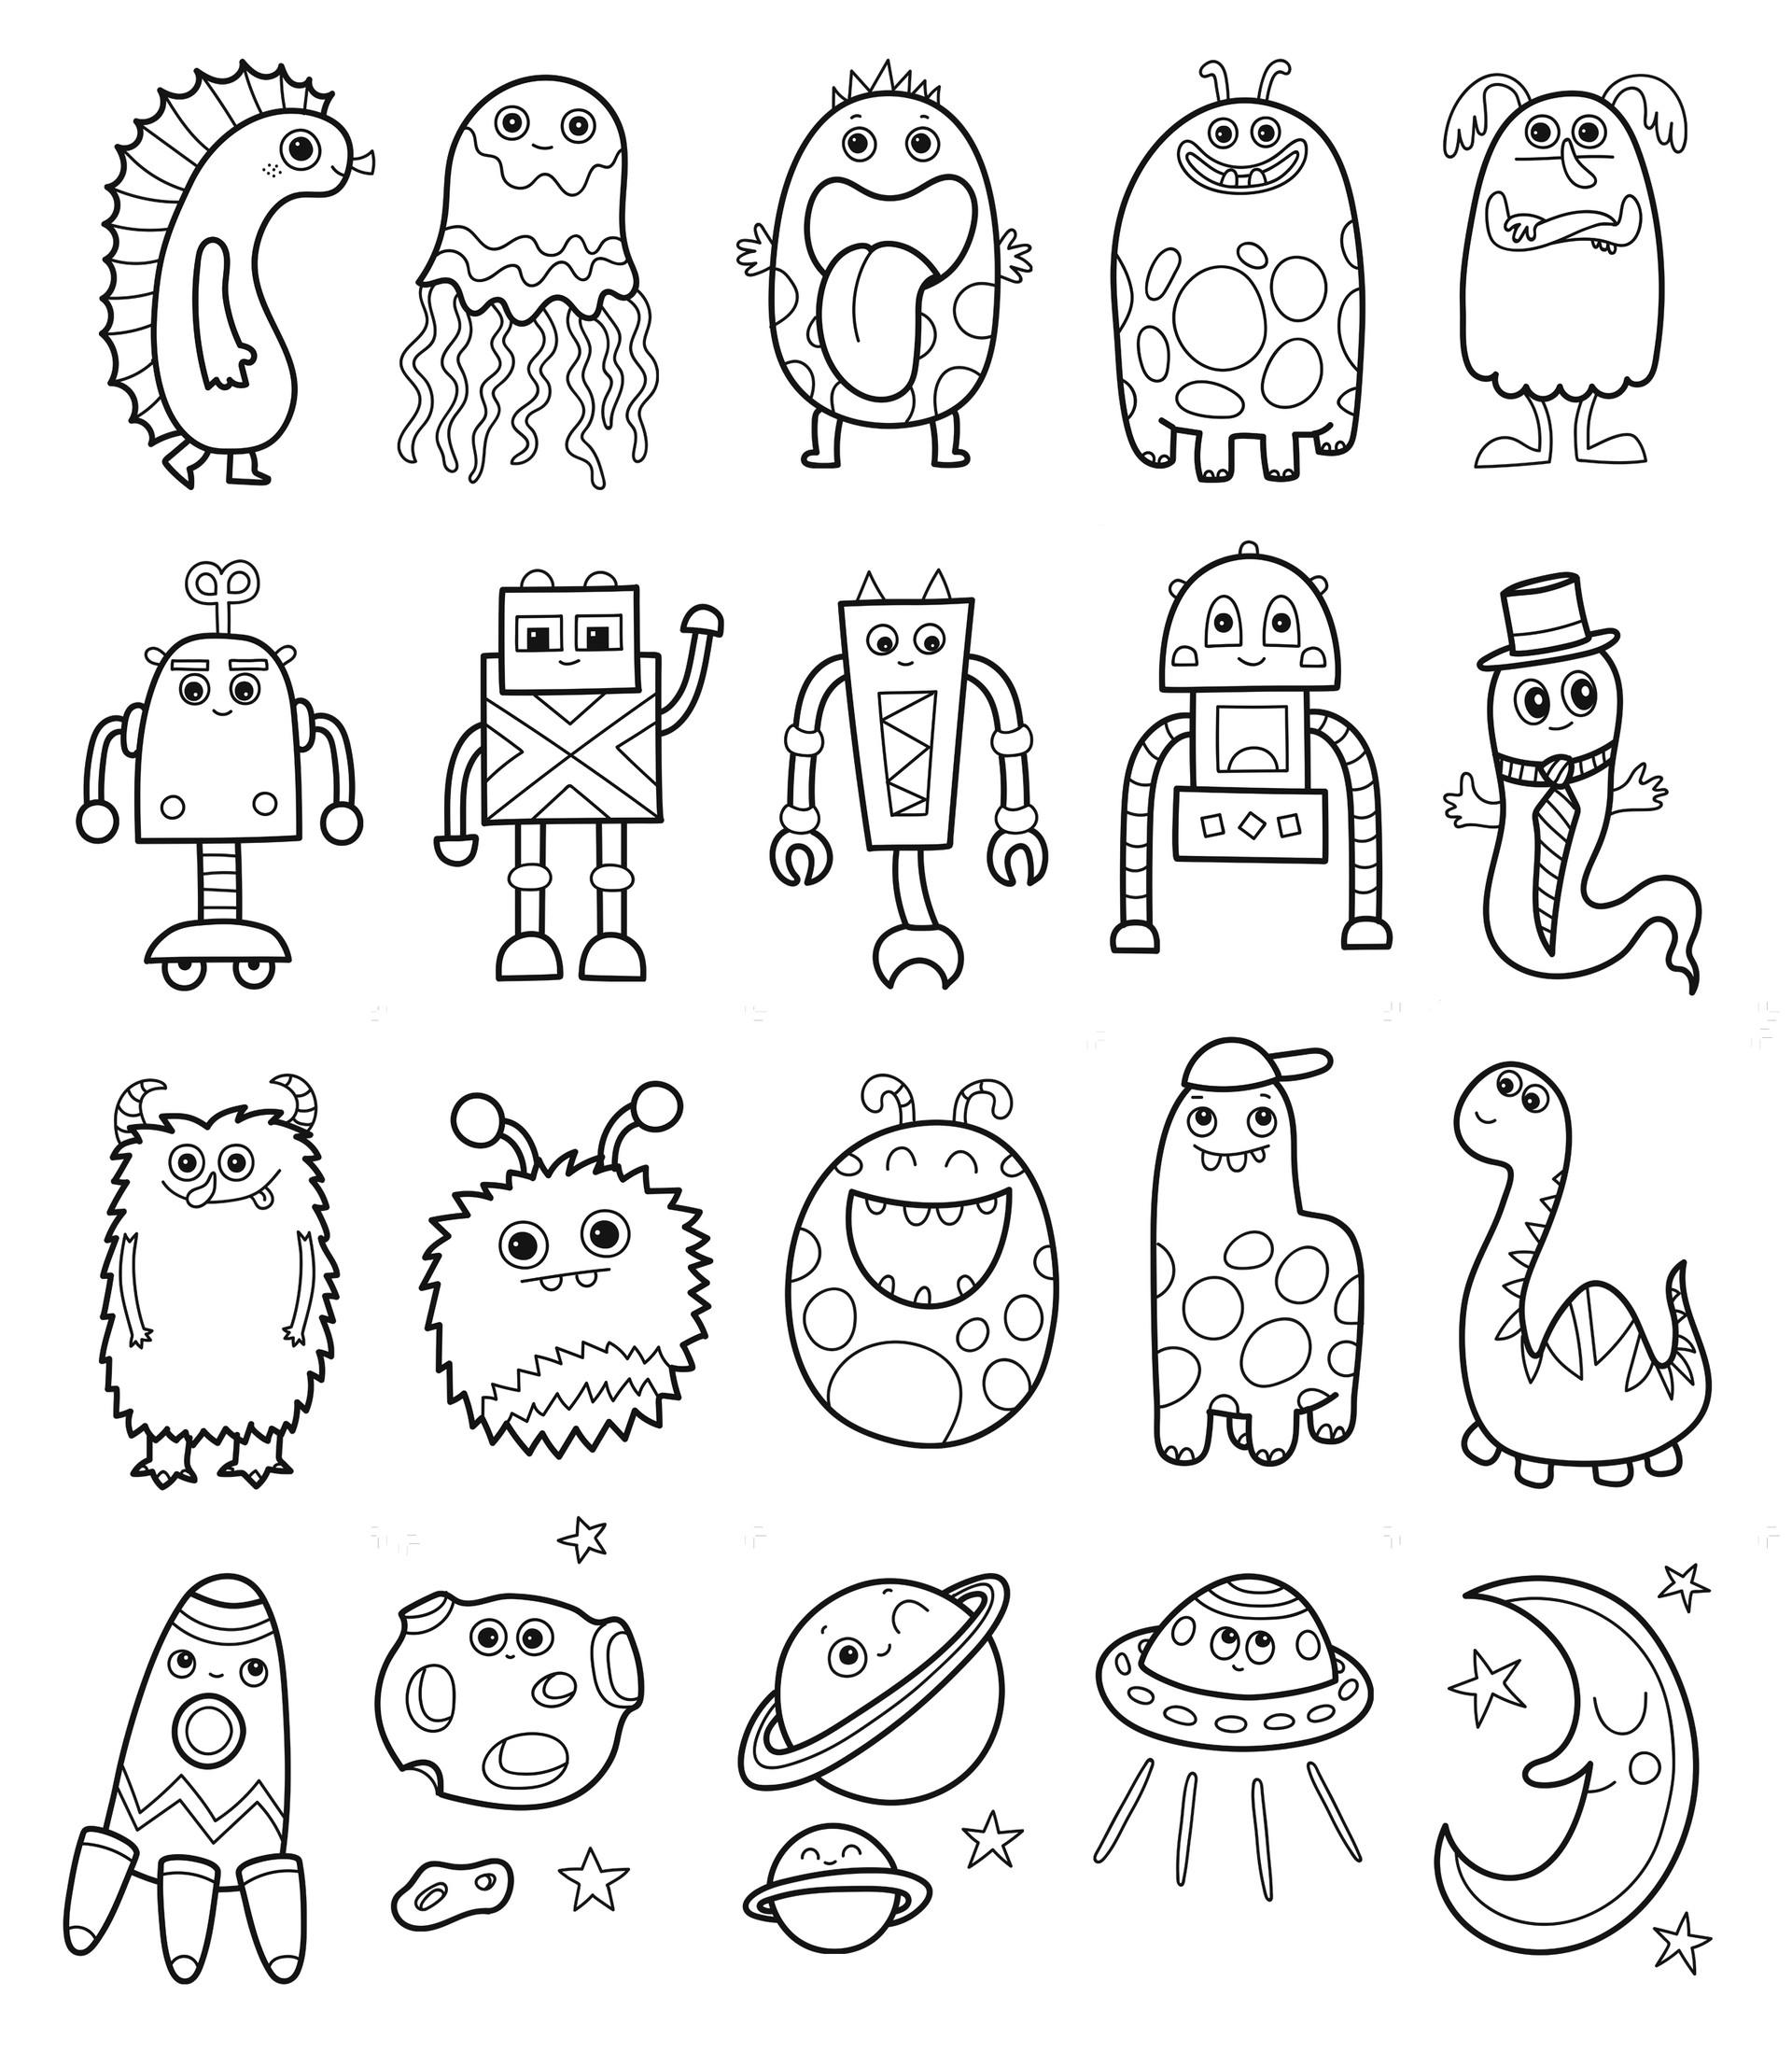 Pikkuotuksen värityskirja & Pikkuperhosen värityskirja coloring books,Tactic Publishing, 2017